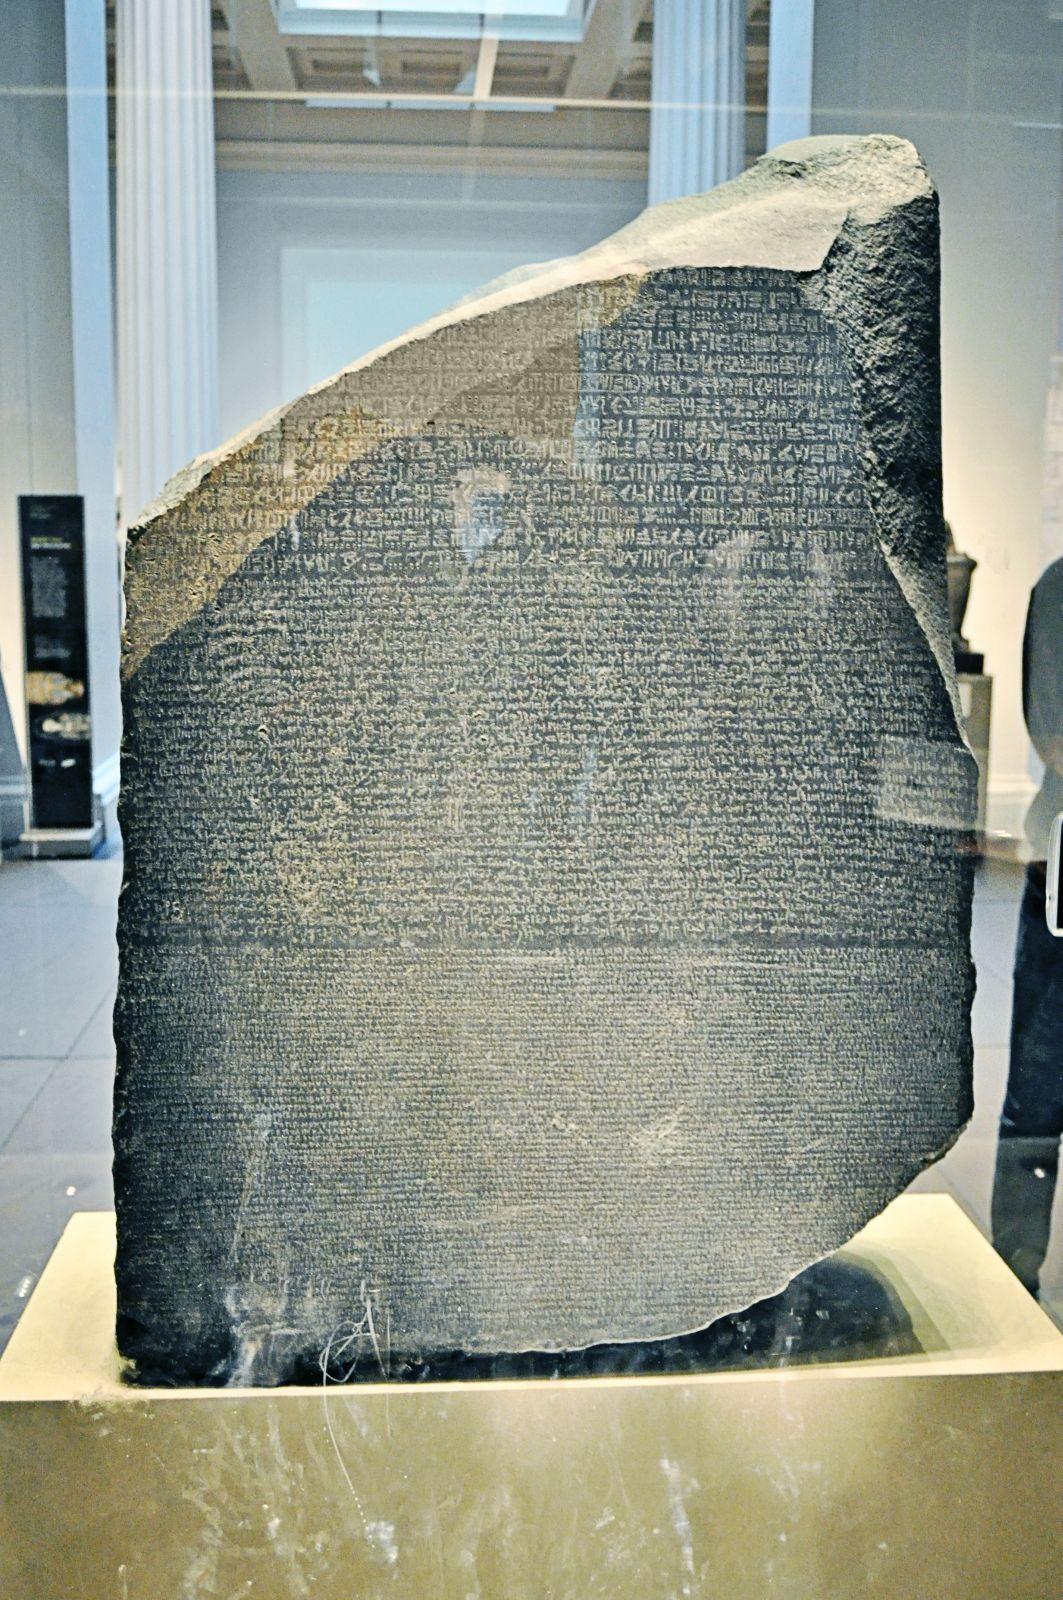 Nález Rosettské desky je neocenitelný. Díky ní bylo rozluštěno hieroglyfické písmo.